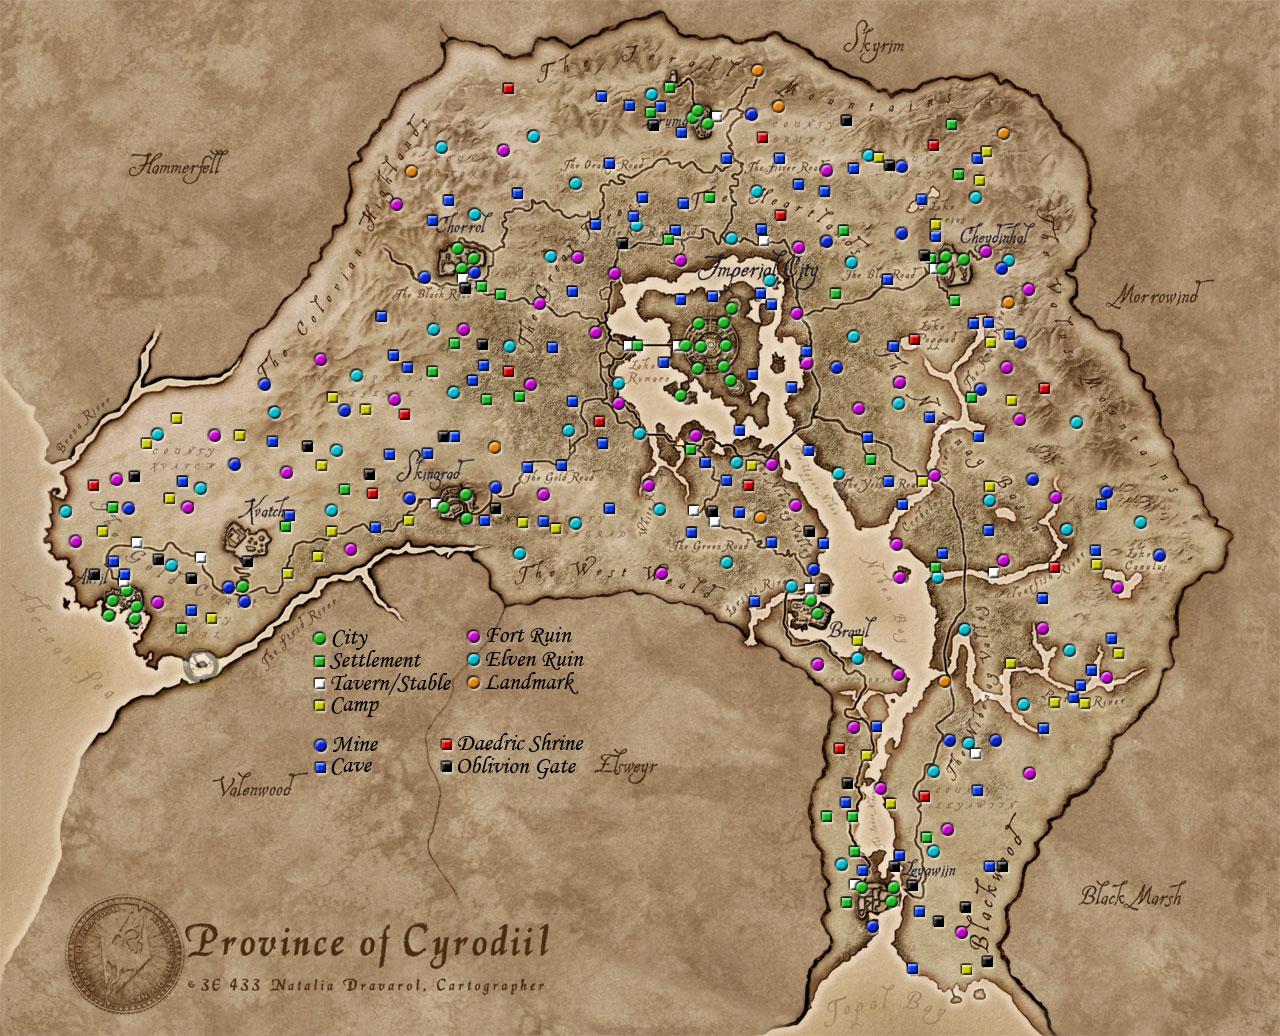 Los mapas más grandes de los videojuegos Cyrodiil